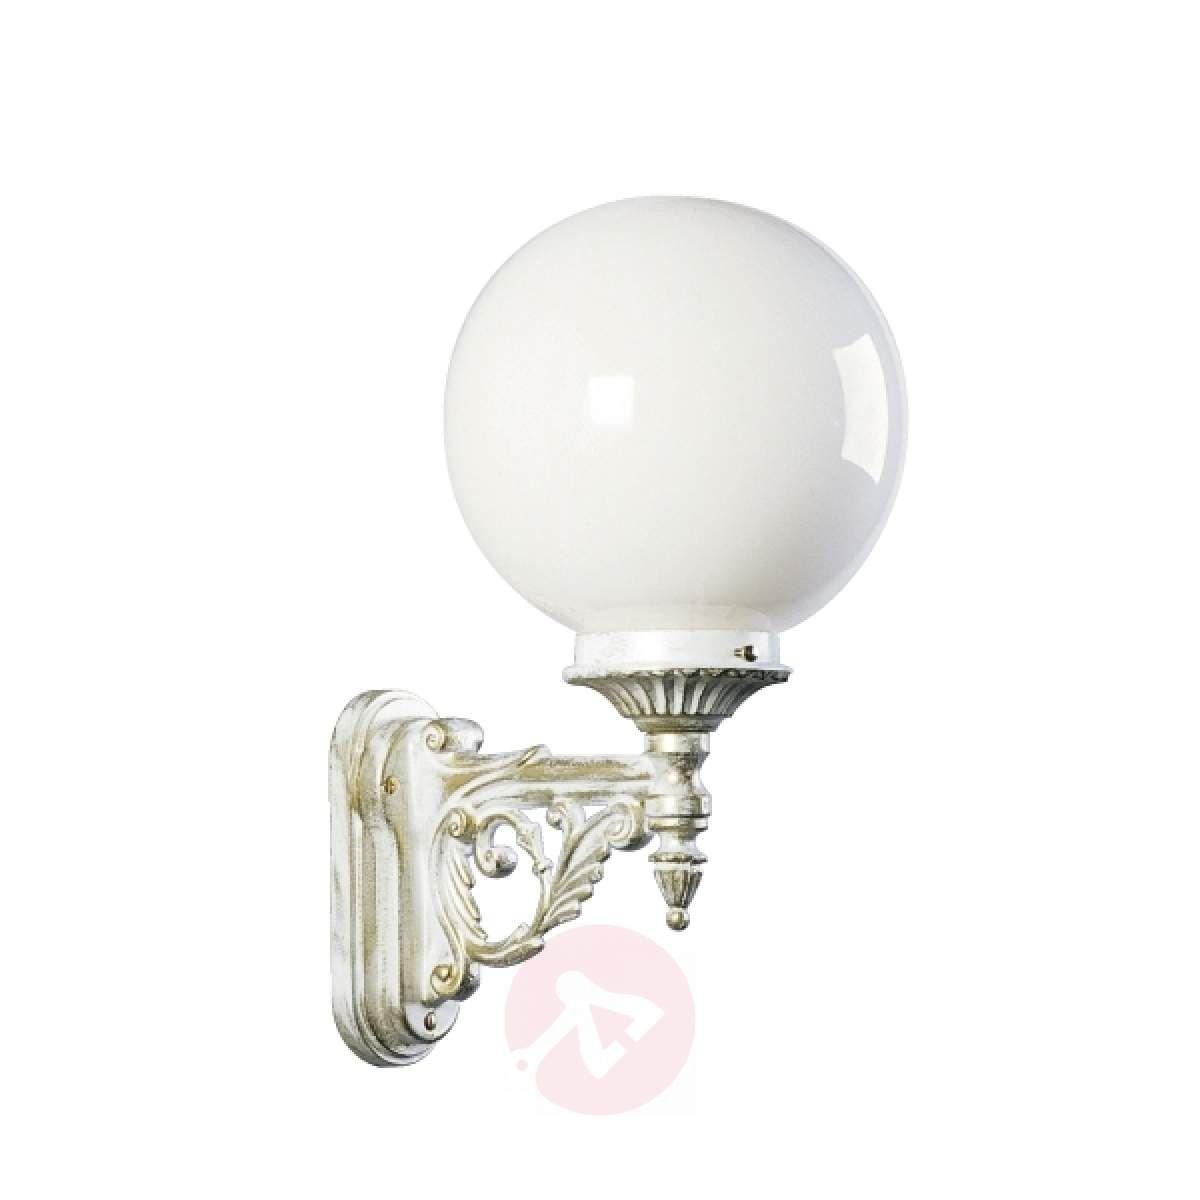 Dekoracyjna Zewnętrzna Lampa ścienna Gol 160 Lampy Wiszące